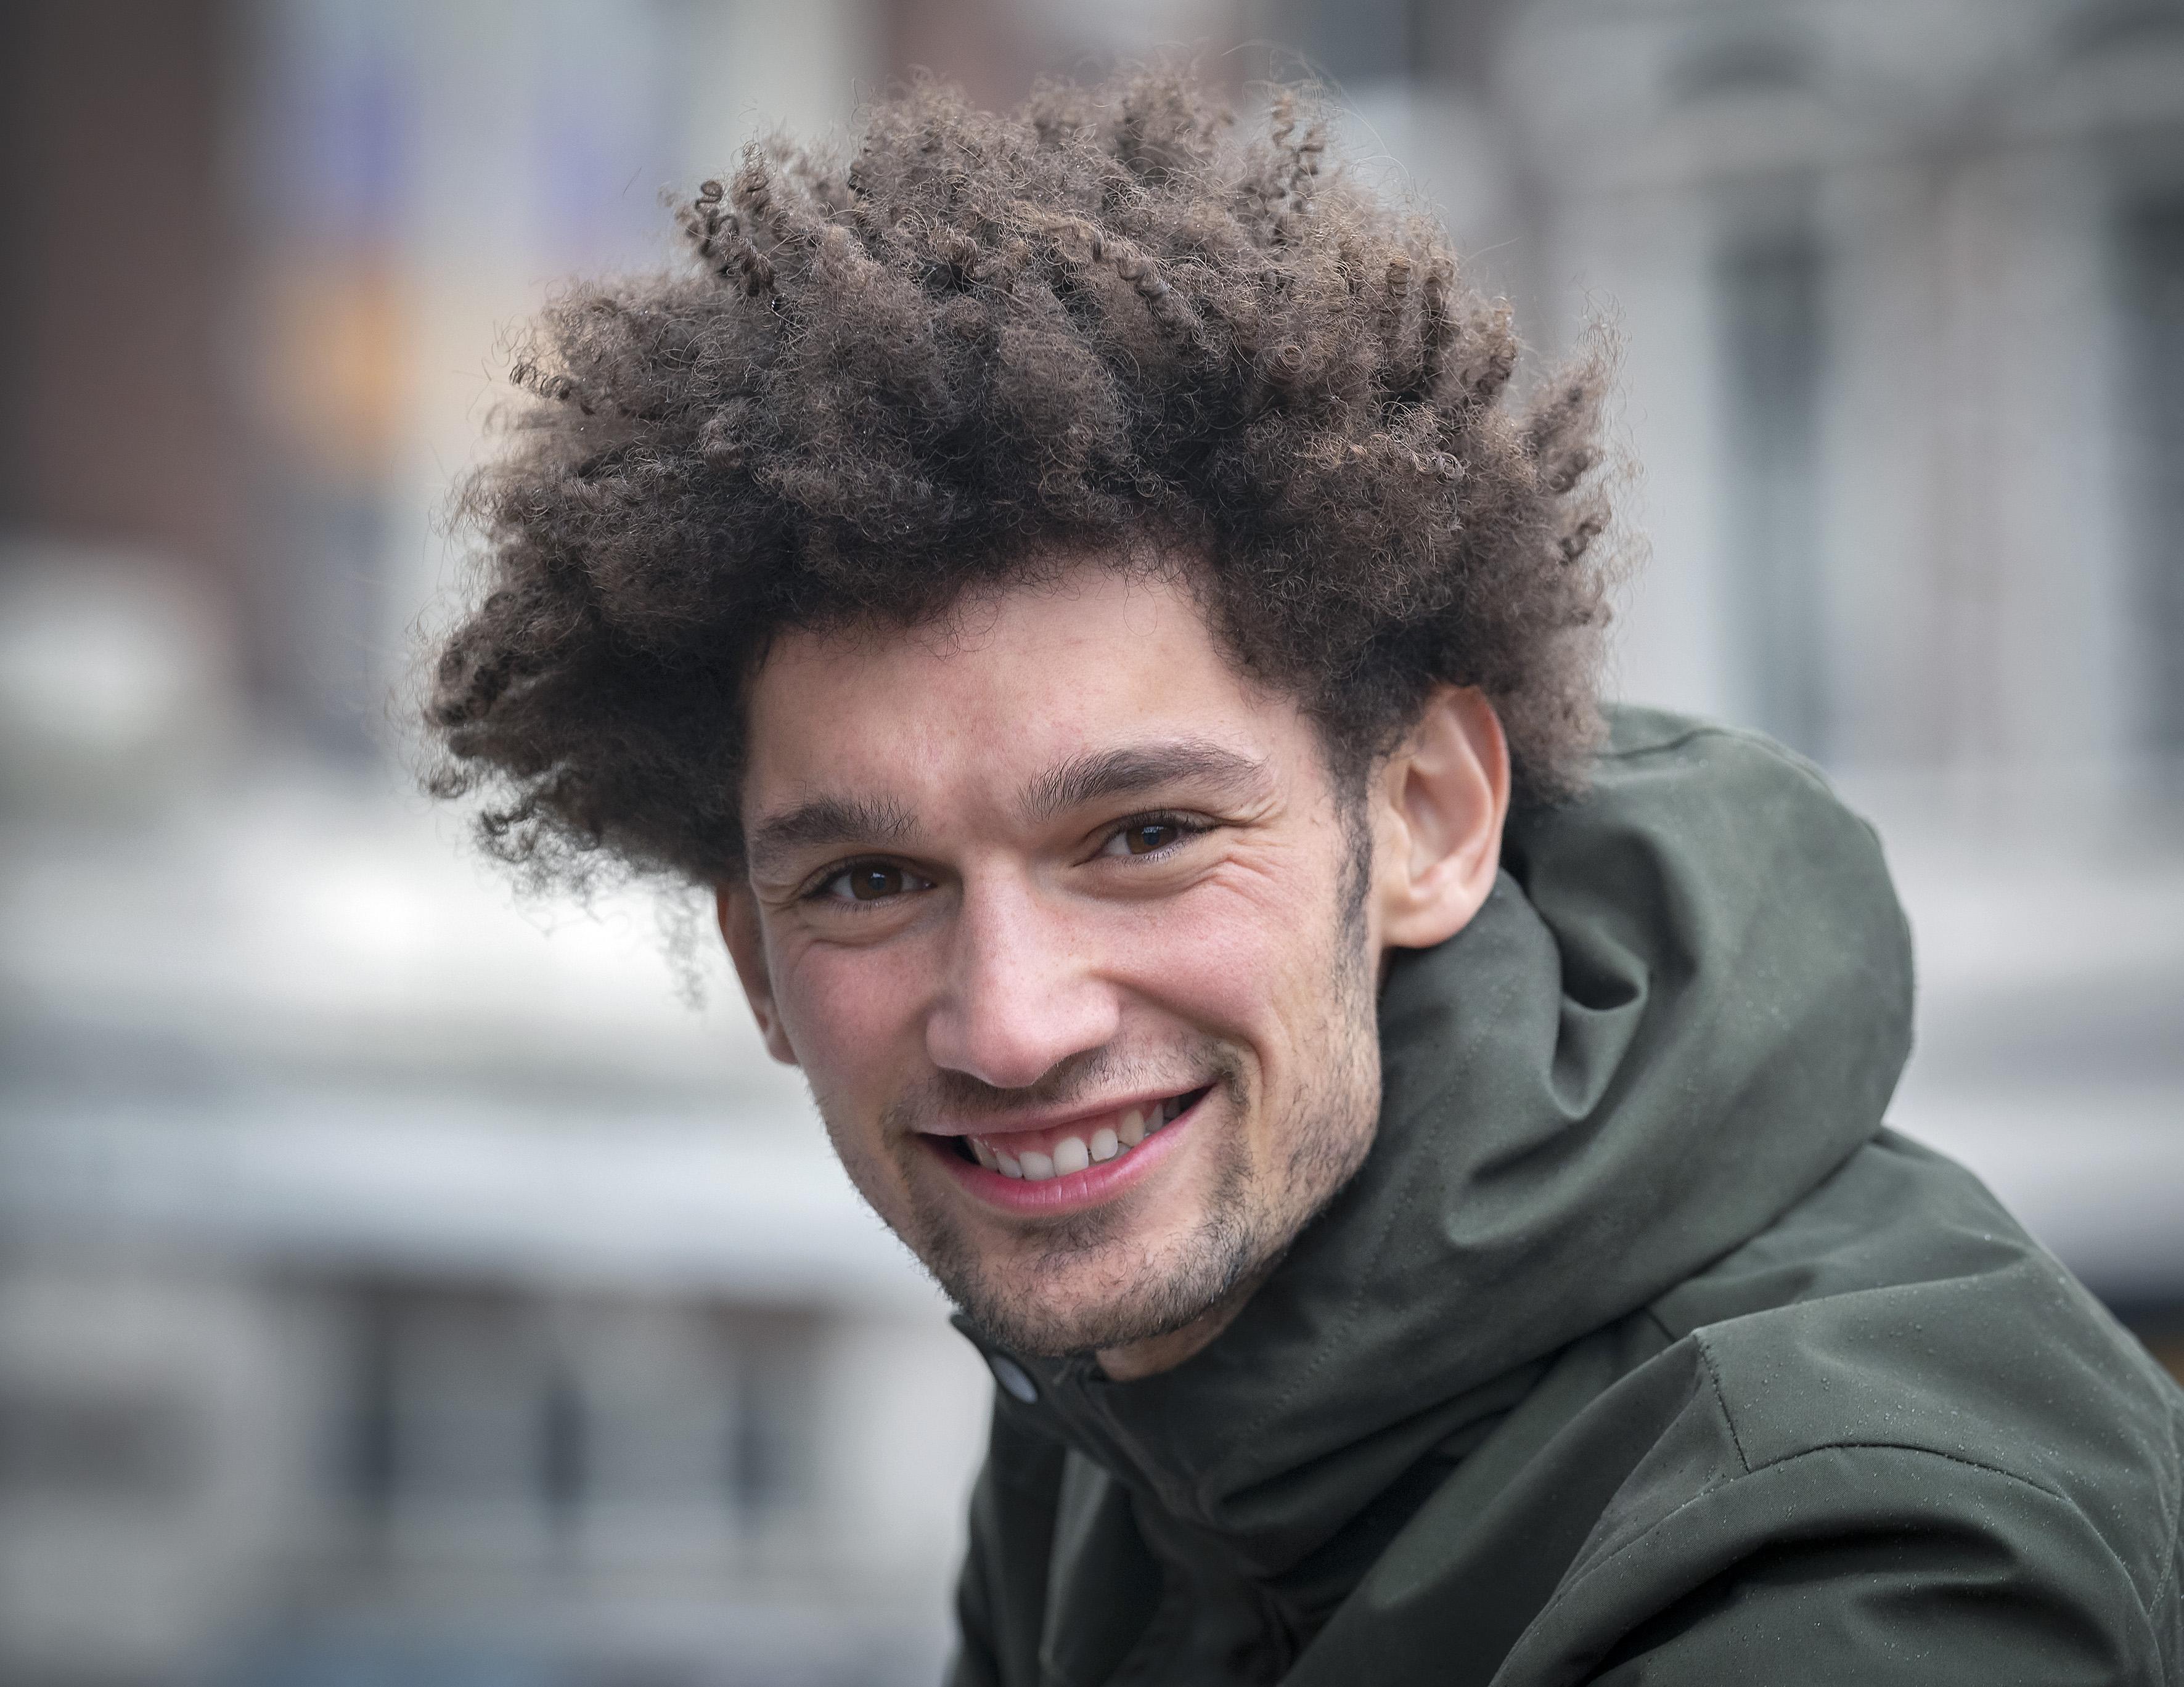 'Als ik nog langer zou worden, heeft dat voor de motoriek consequenties die niet altijd prettig zijn', zegt basketballer Amauri de Best (Onze Gezellen)